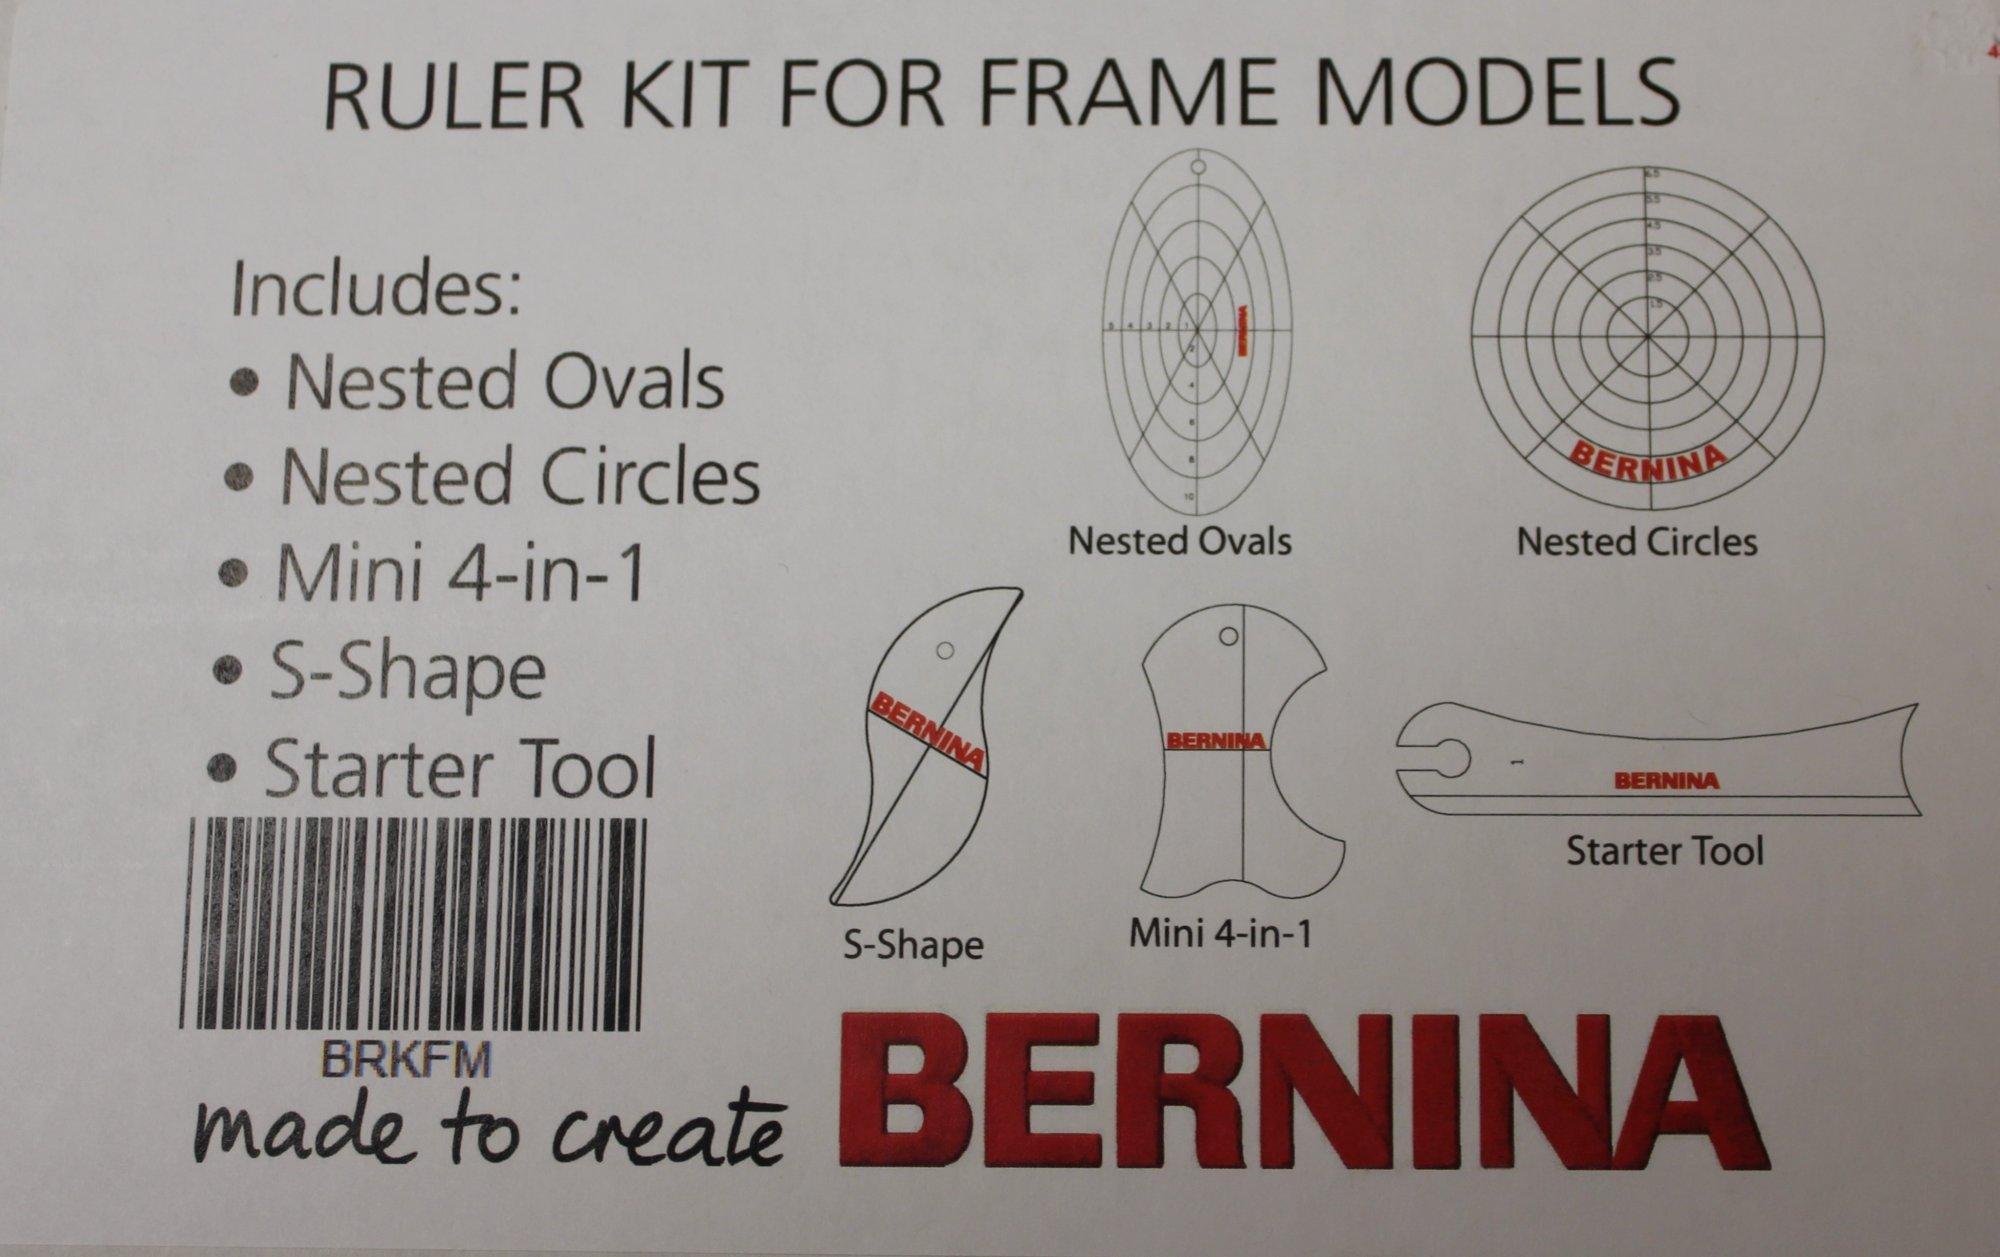 Bernina Ruler Kit for Frame Models